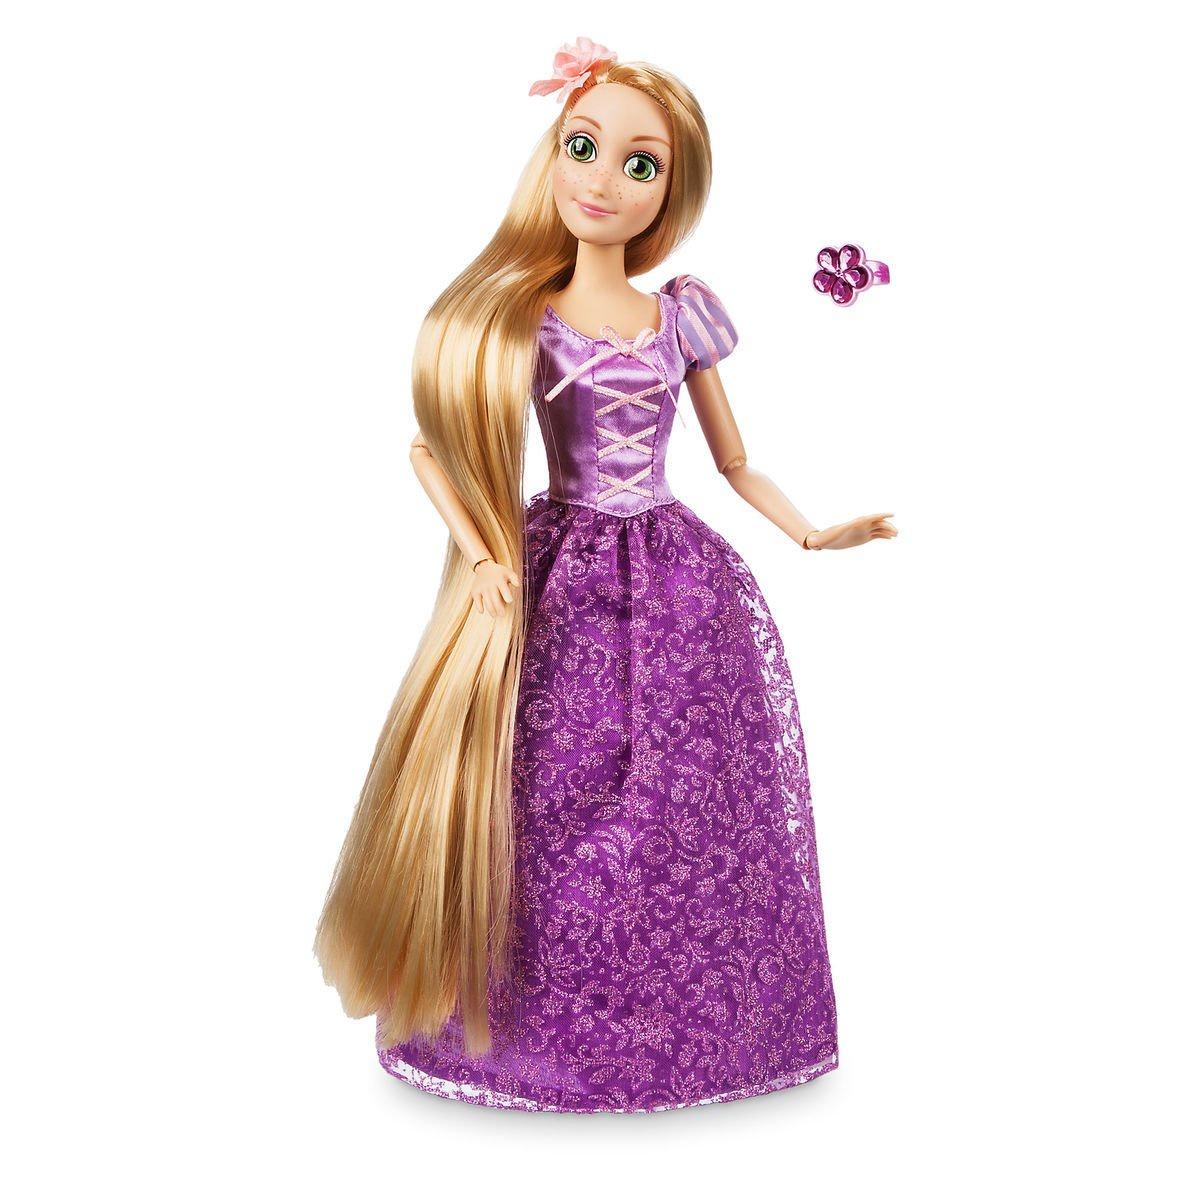 Кукла Принцессы Дисней Рапунцель Disney дисней принцесса аппликация из пайеток рапунцель в пакете 25 17 5см арт 03191